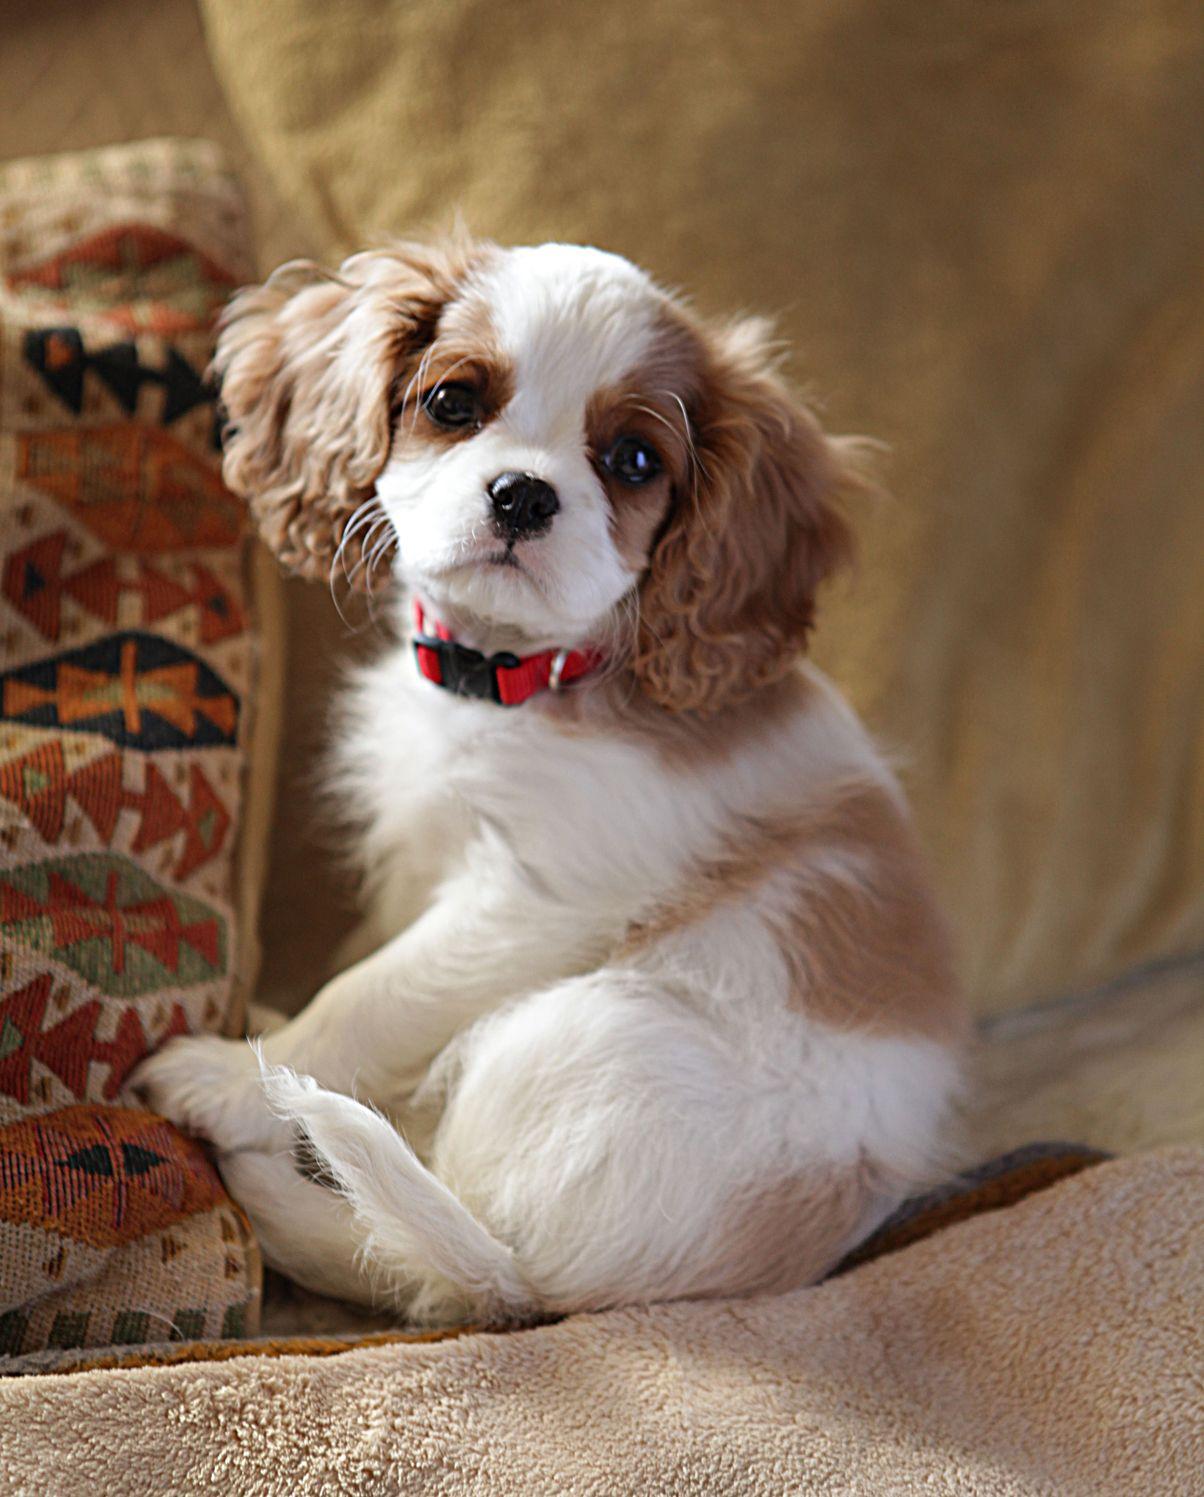 A new Cavalier King Charles Spaniel puppy. Precious Pups